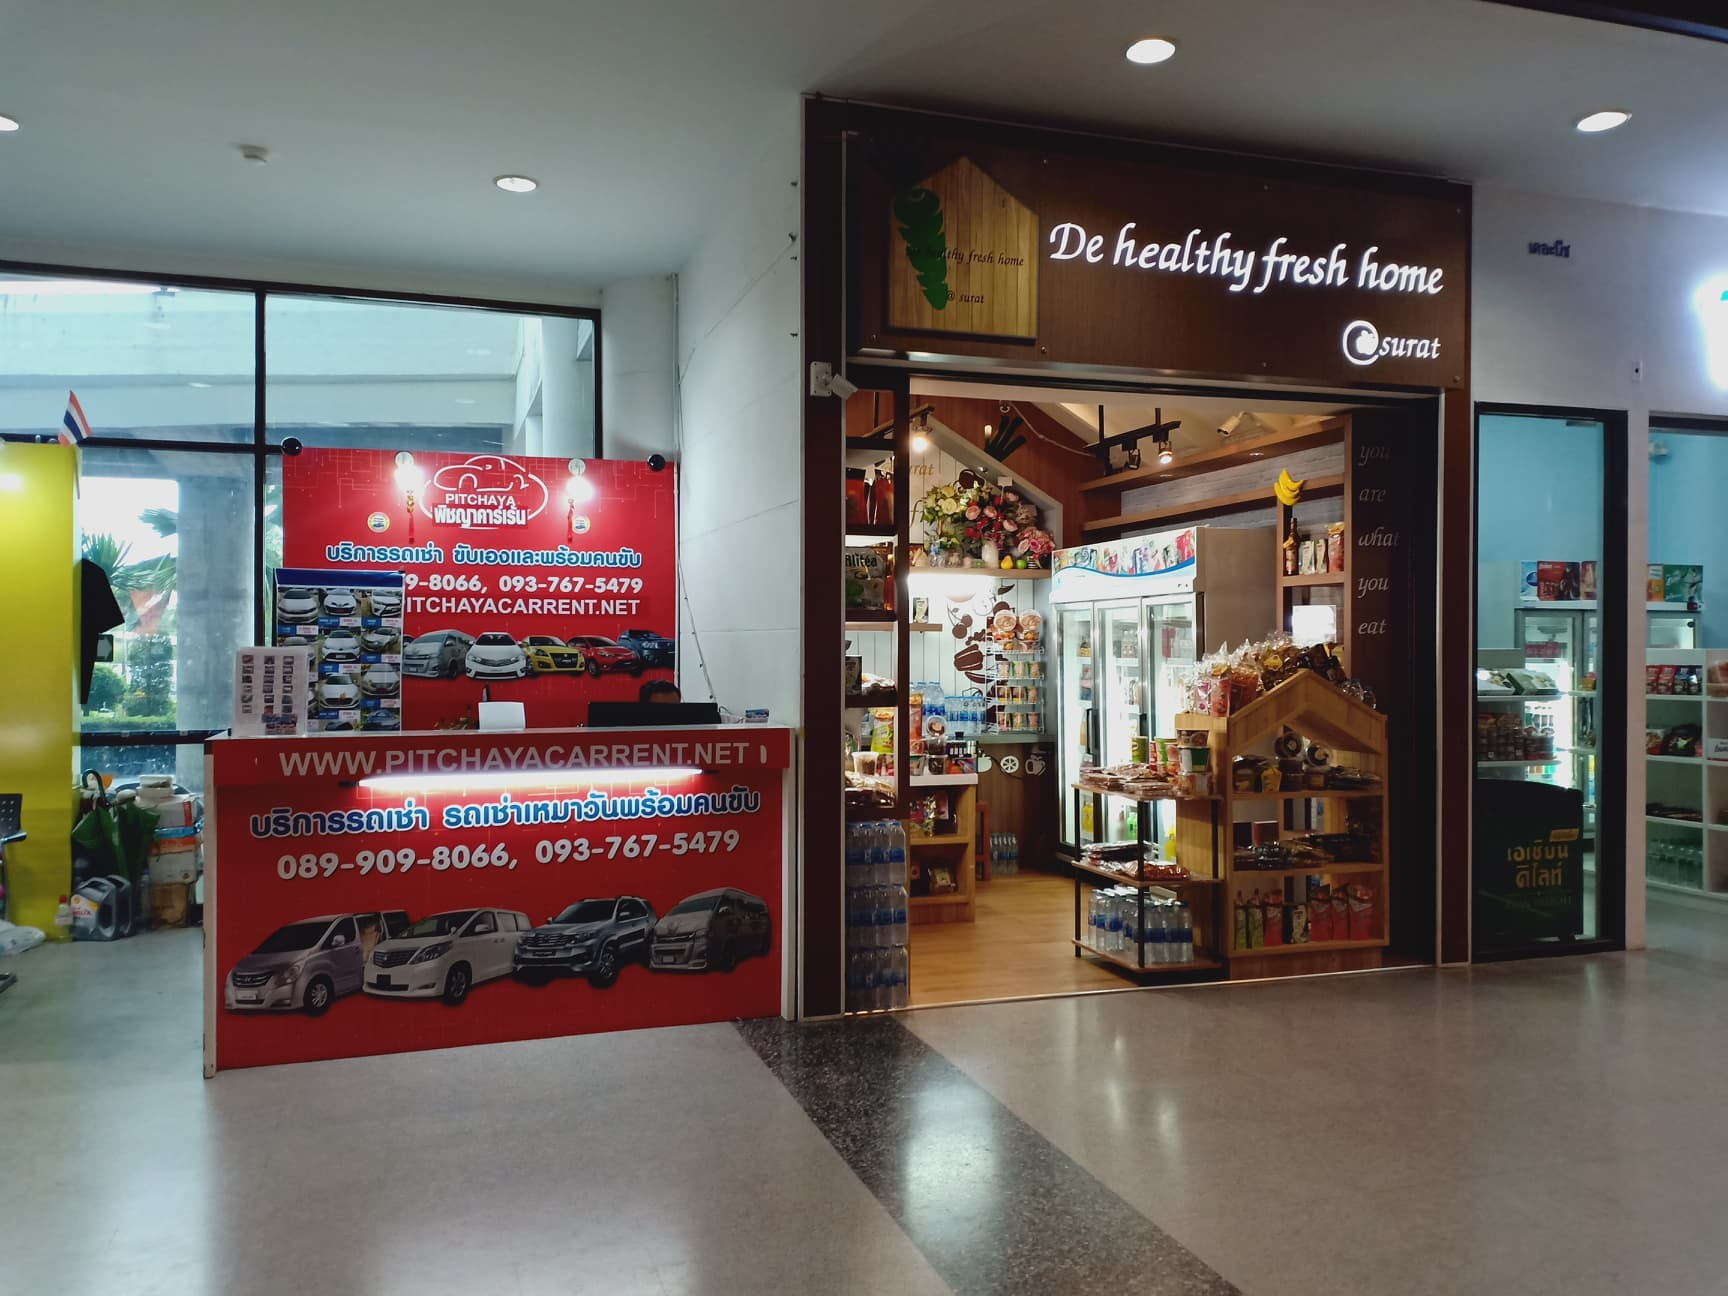 เคาเตอร์พิชญาคาร์เร้นท์สนามบินสุราษฎร์ธานี